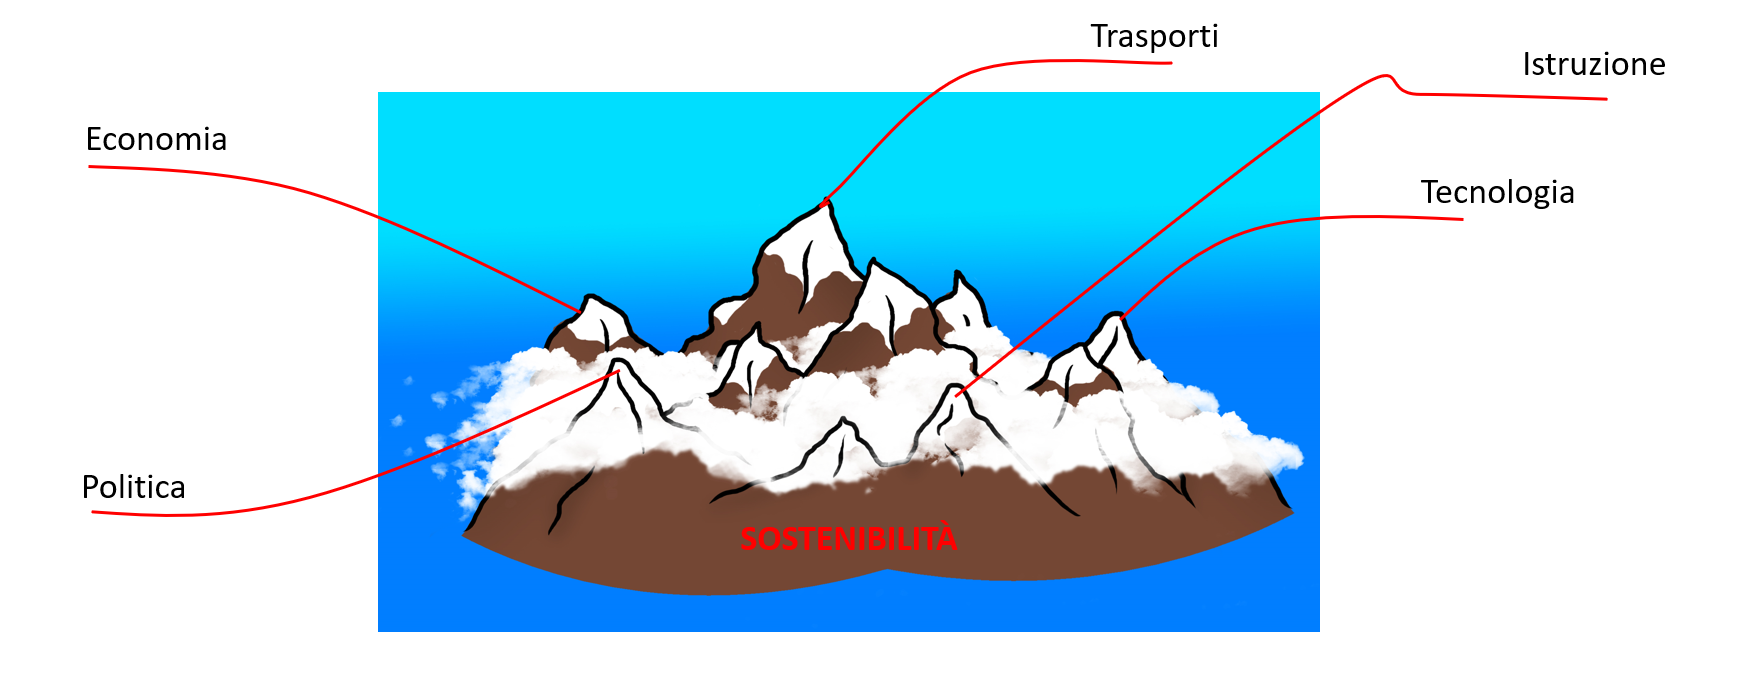 La Legge delle cime della montagna